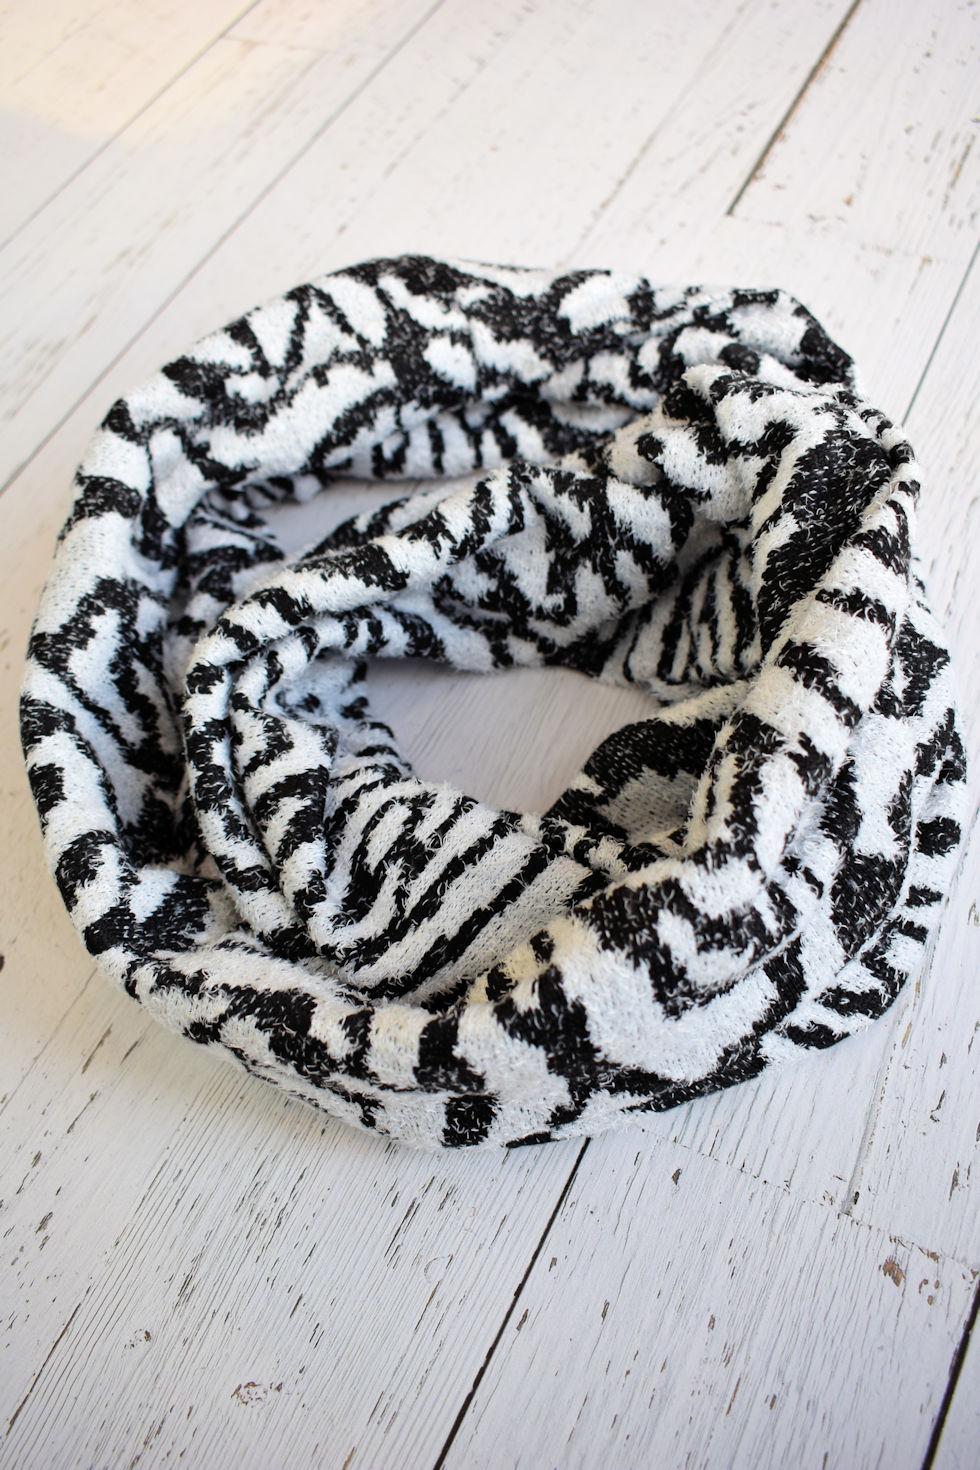 Foulard infini en tissu noir et blanc signé Collection Space